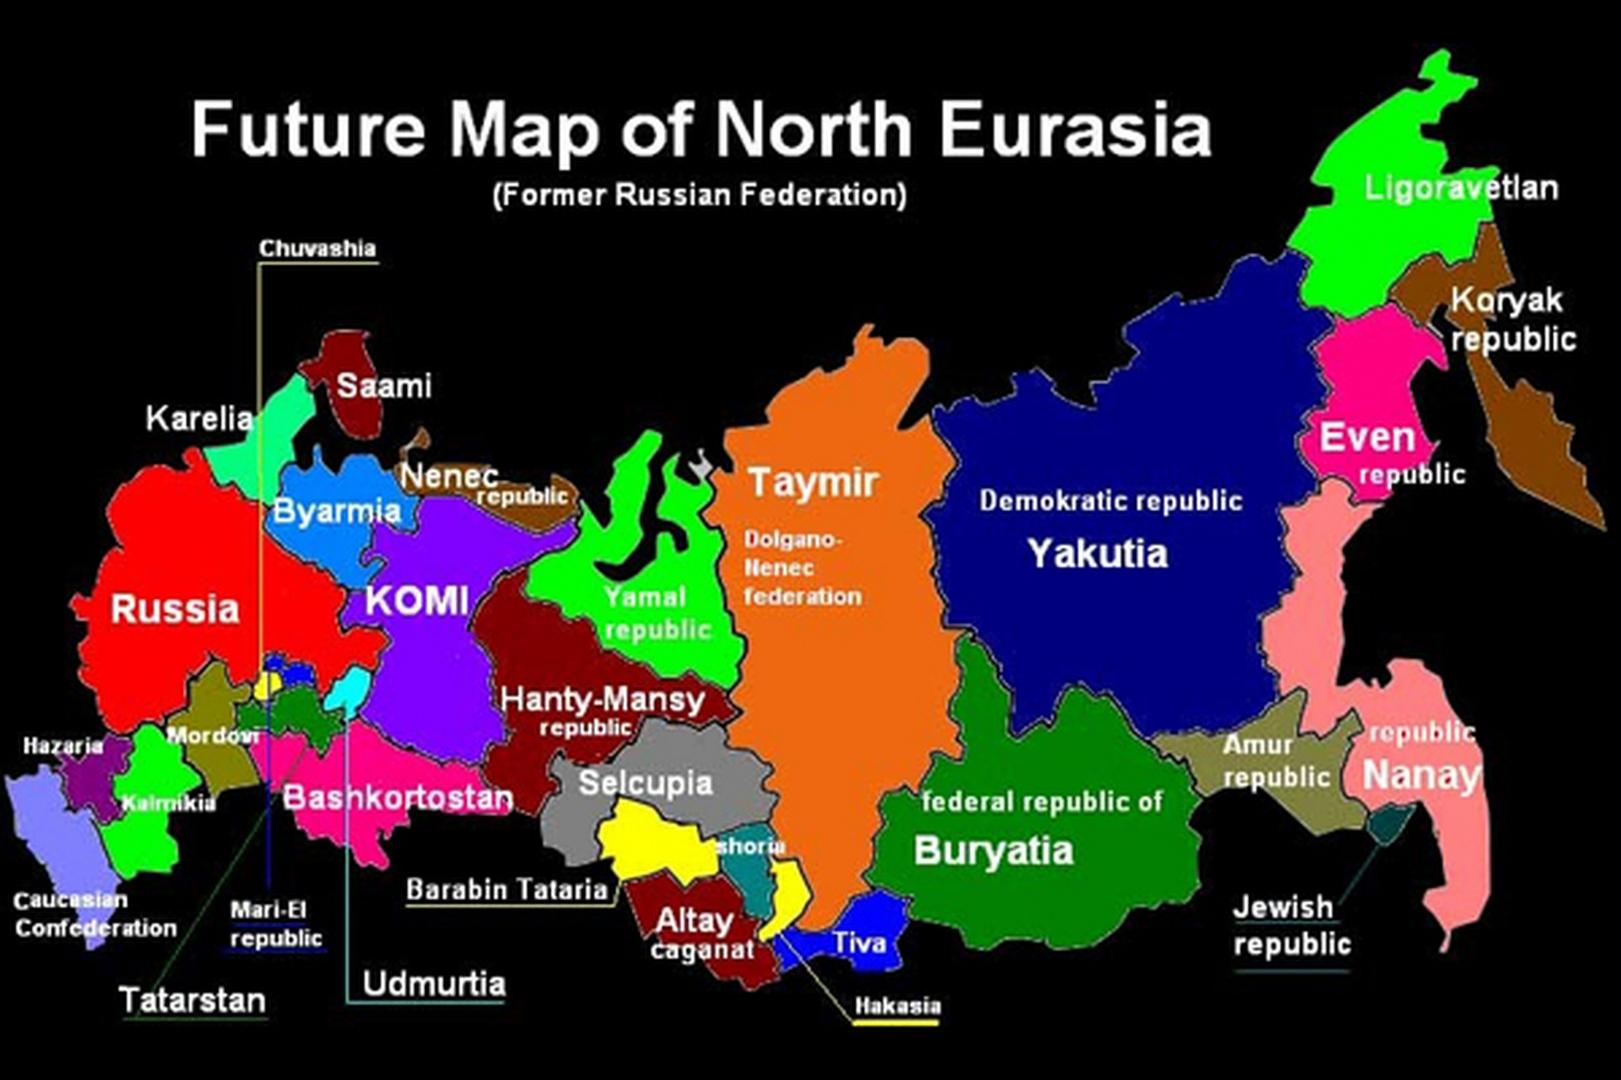 https://regnum.ru/uploads/pictures/news/2017/06/03/regnum_picture_1496439468878860_normal.jpg